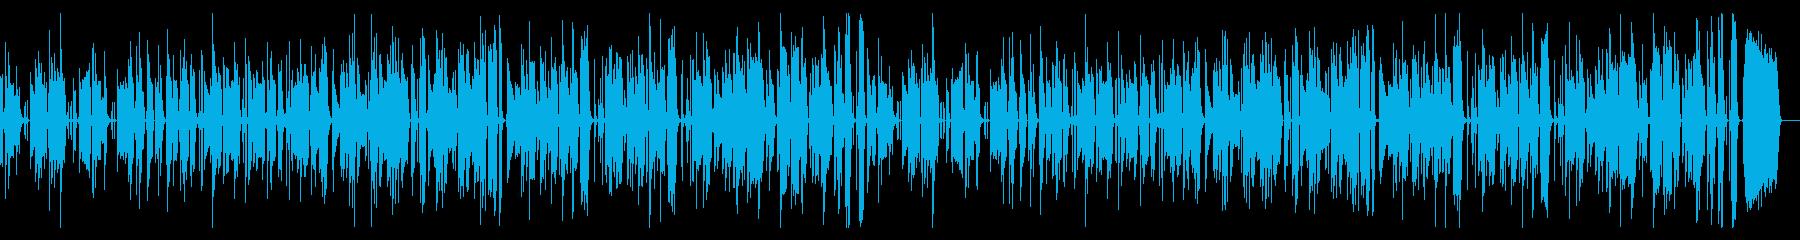 ほのぼのベースの再生済みの波形